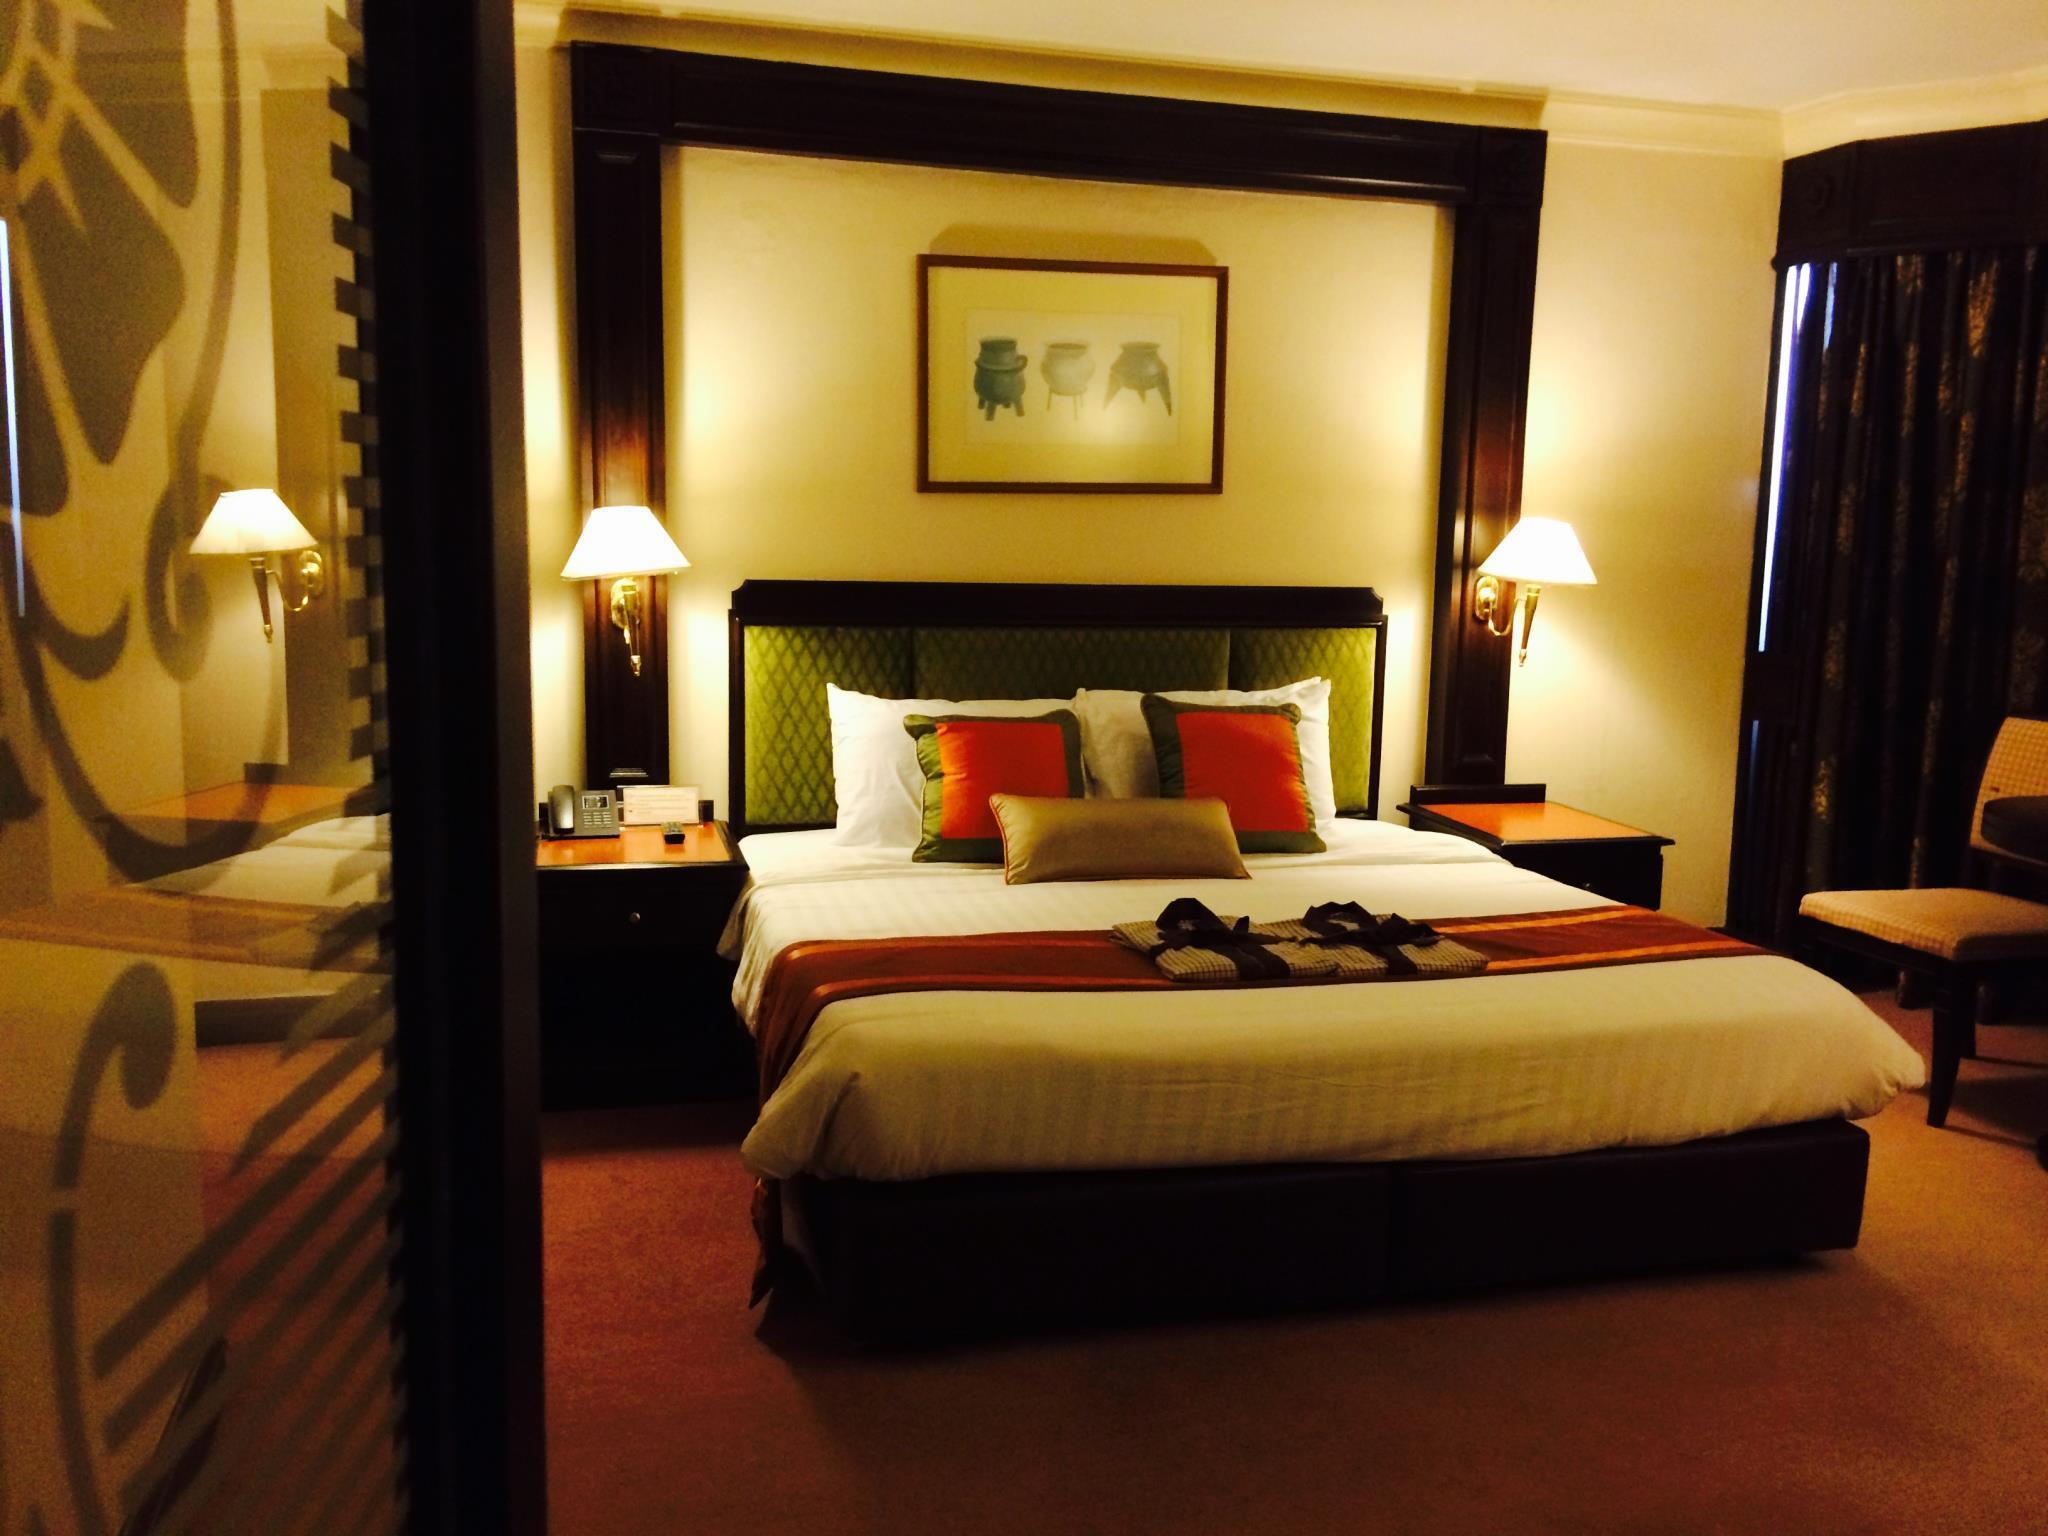 โรงแรมท็อปแลนด์